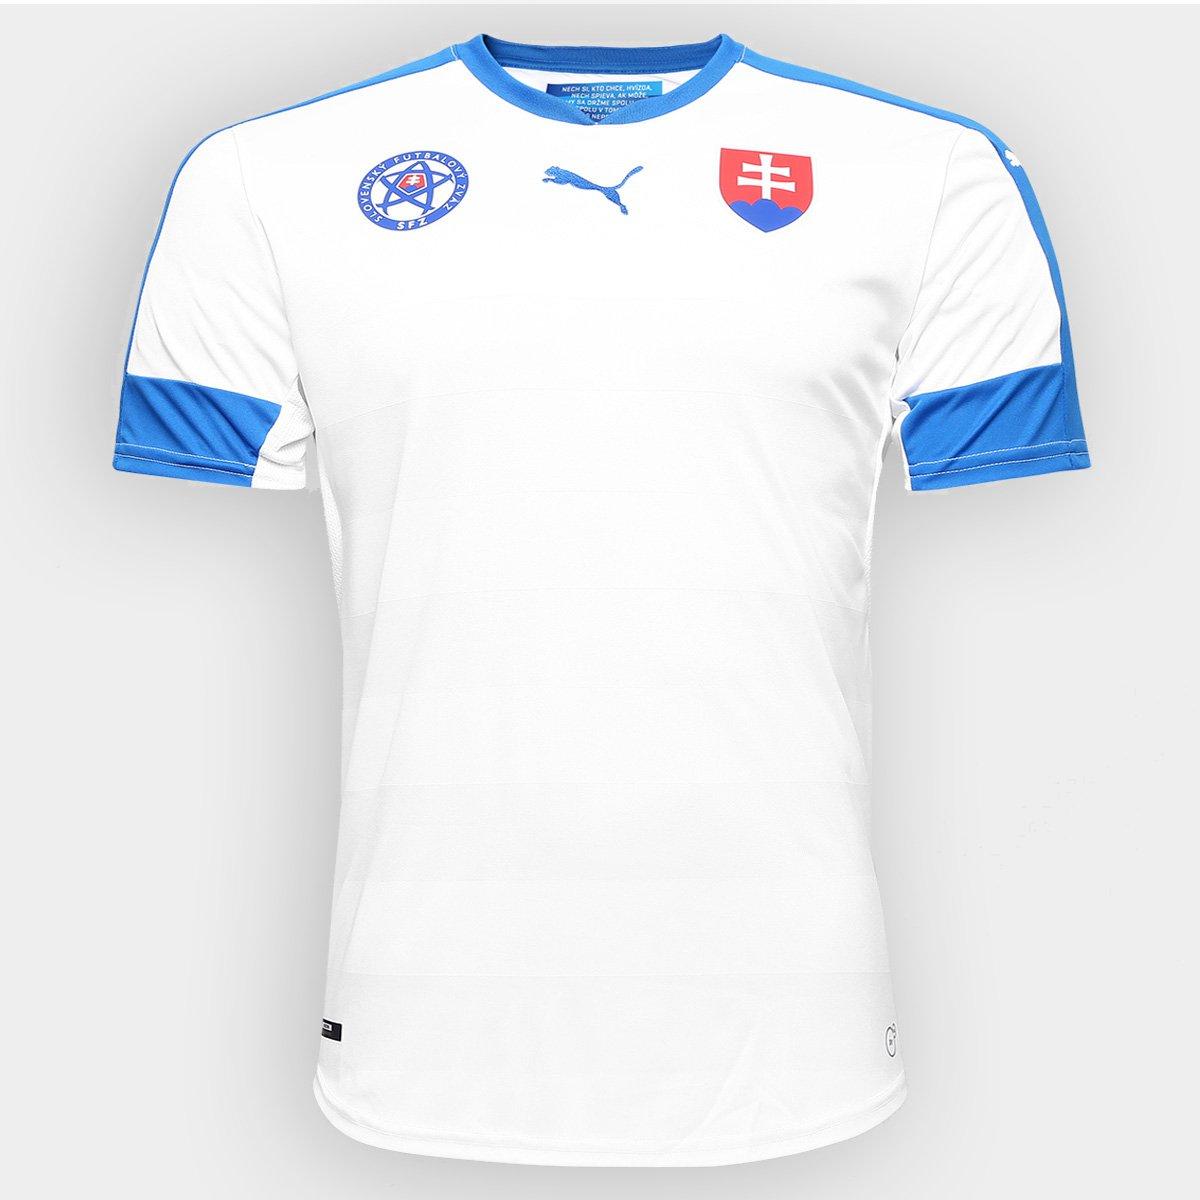 Camisa Seleção Eslováquia Home 2016 s nº - Torcedor Puma Masculina - Compre  Agora  6a409a5284d15